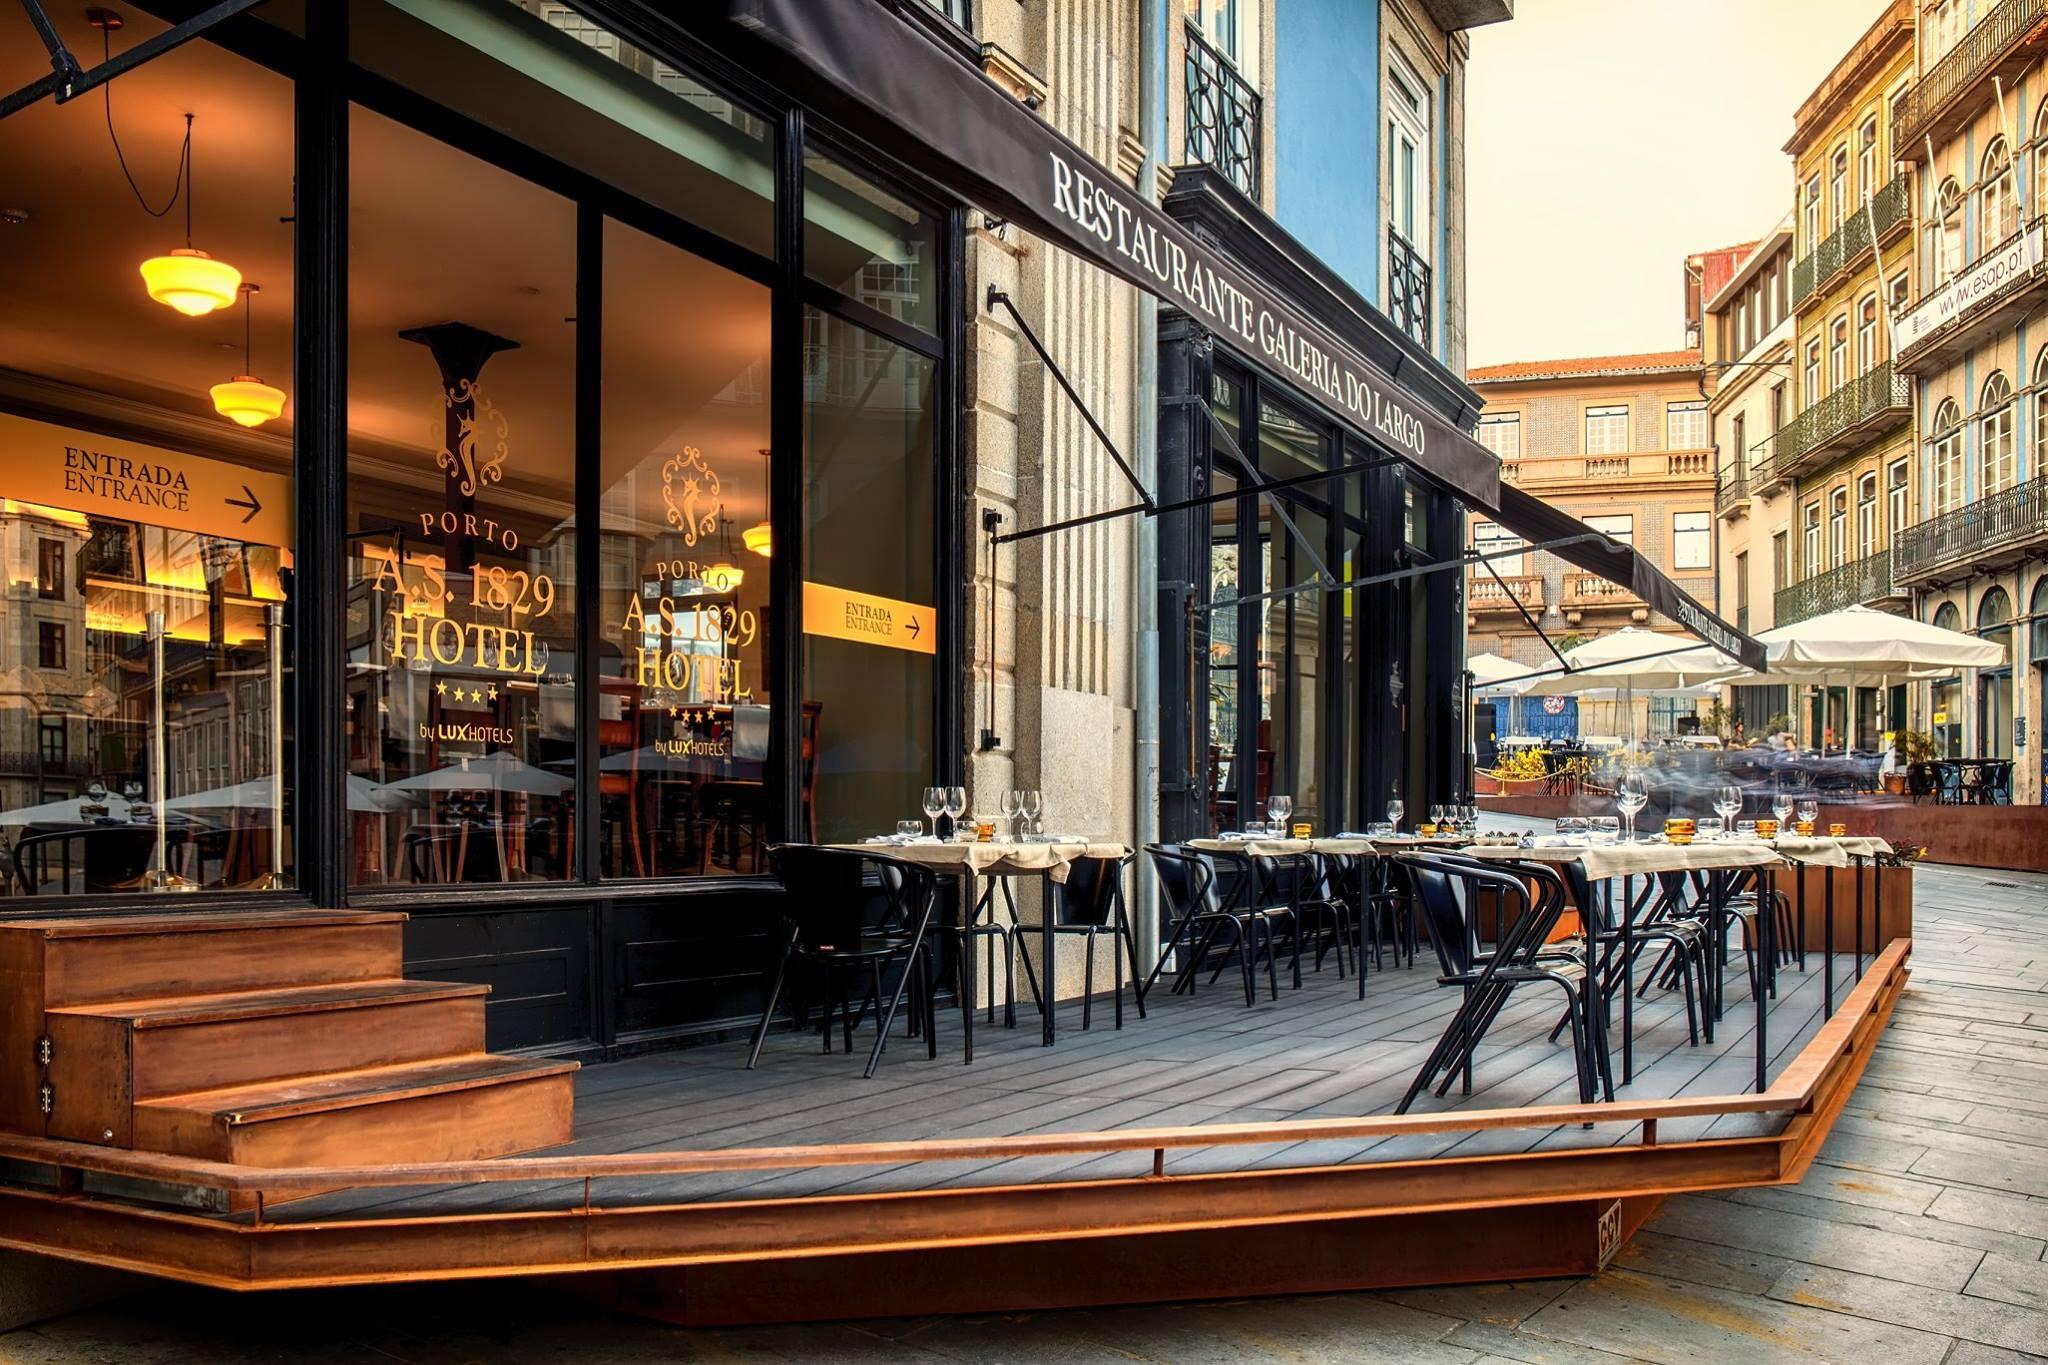 Restaurant Galeria do Largo - Porto A.S 1829 Hotel - Porto